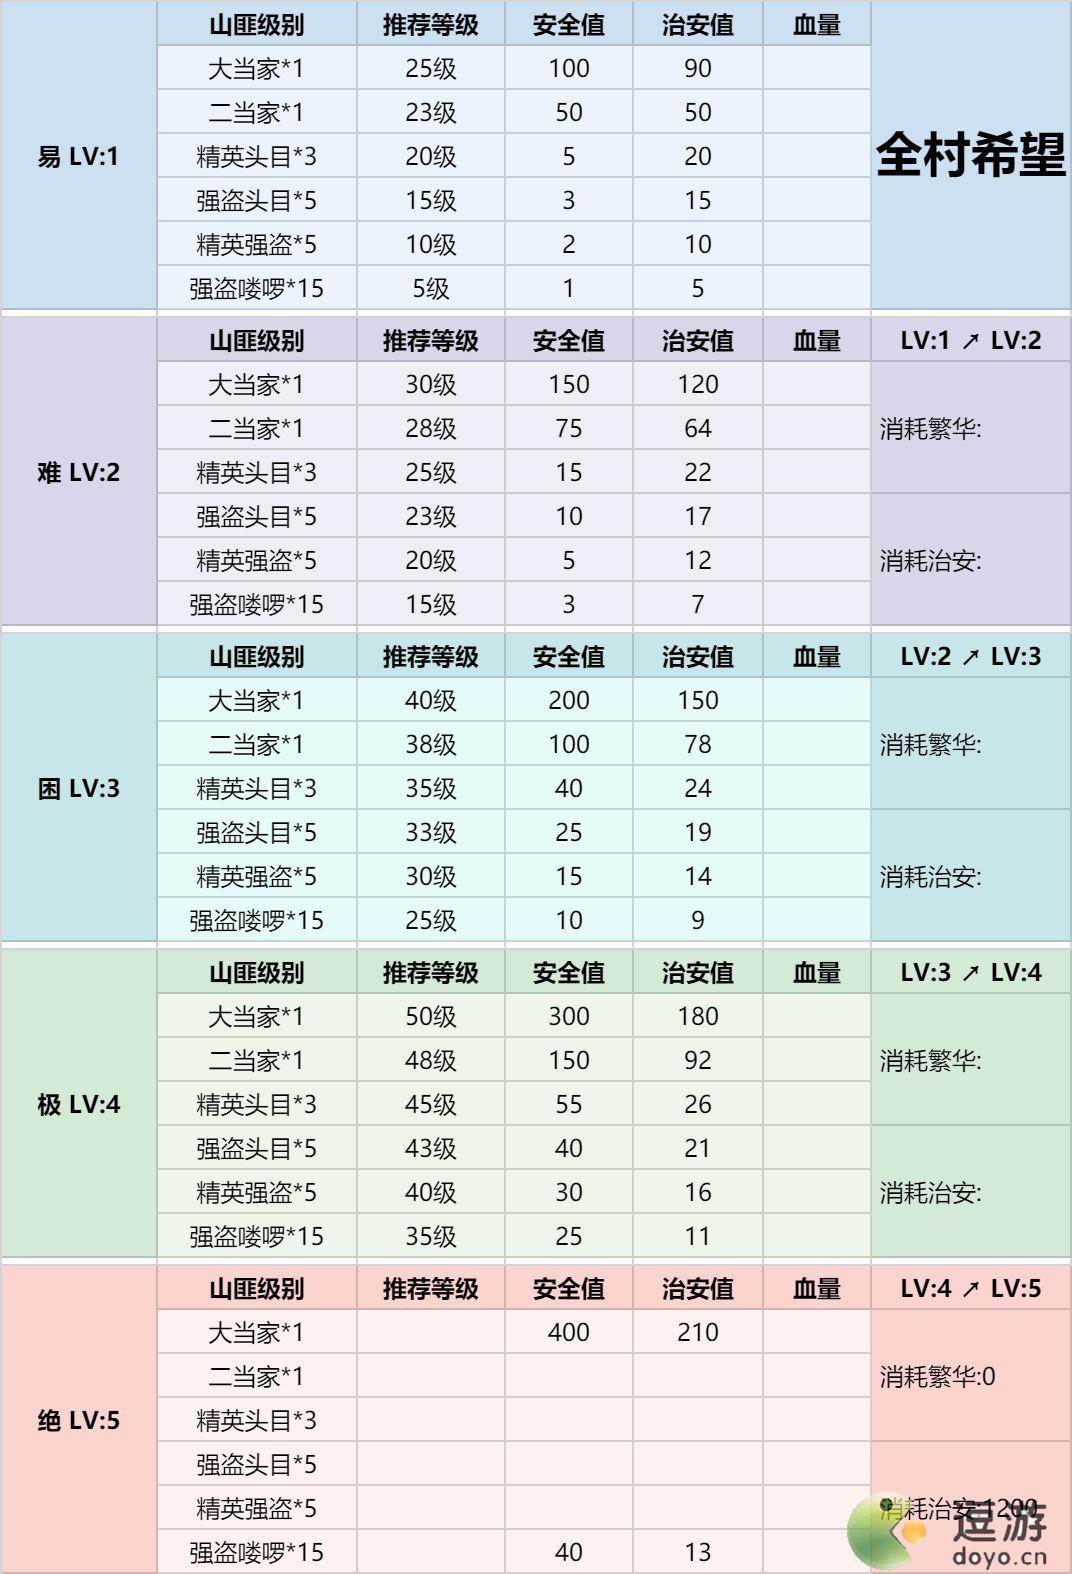 江湖悠悠聚义堂NPC属性数据表分享